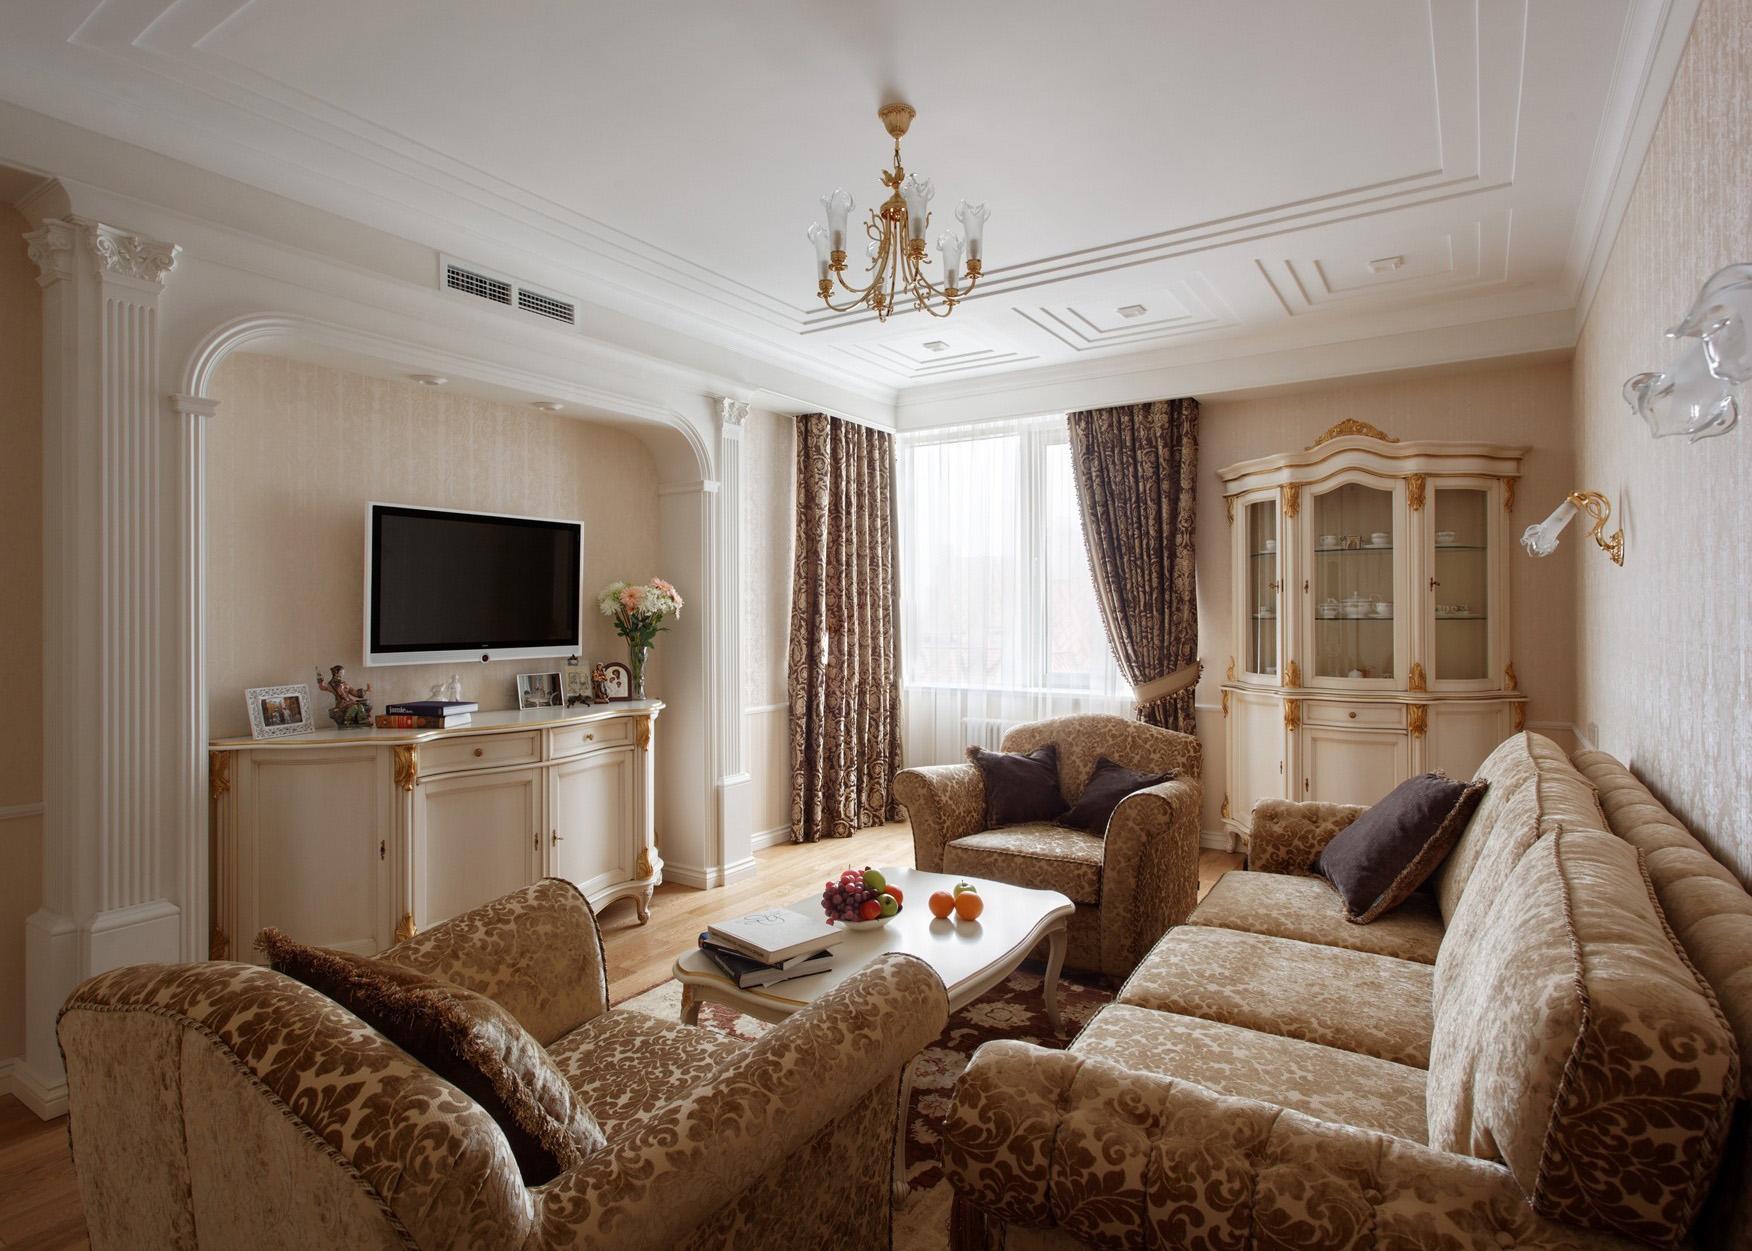 Бежево-белая гостиная в классическом стиле